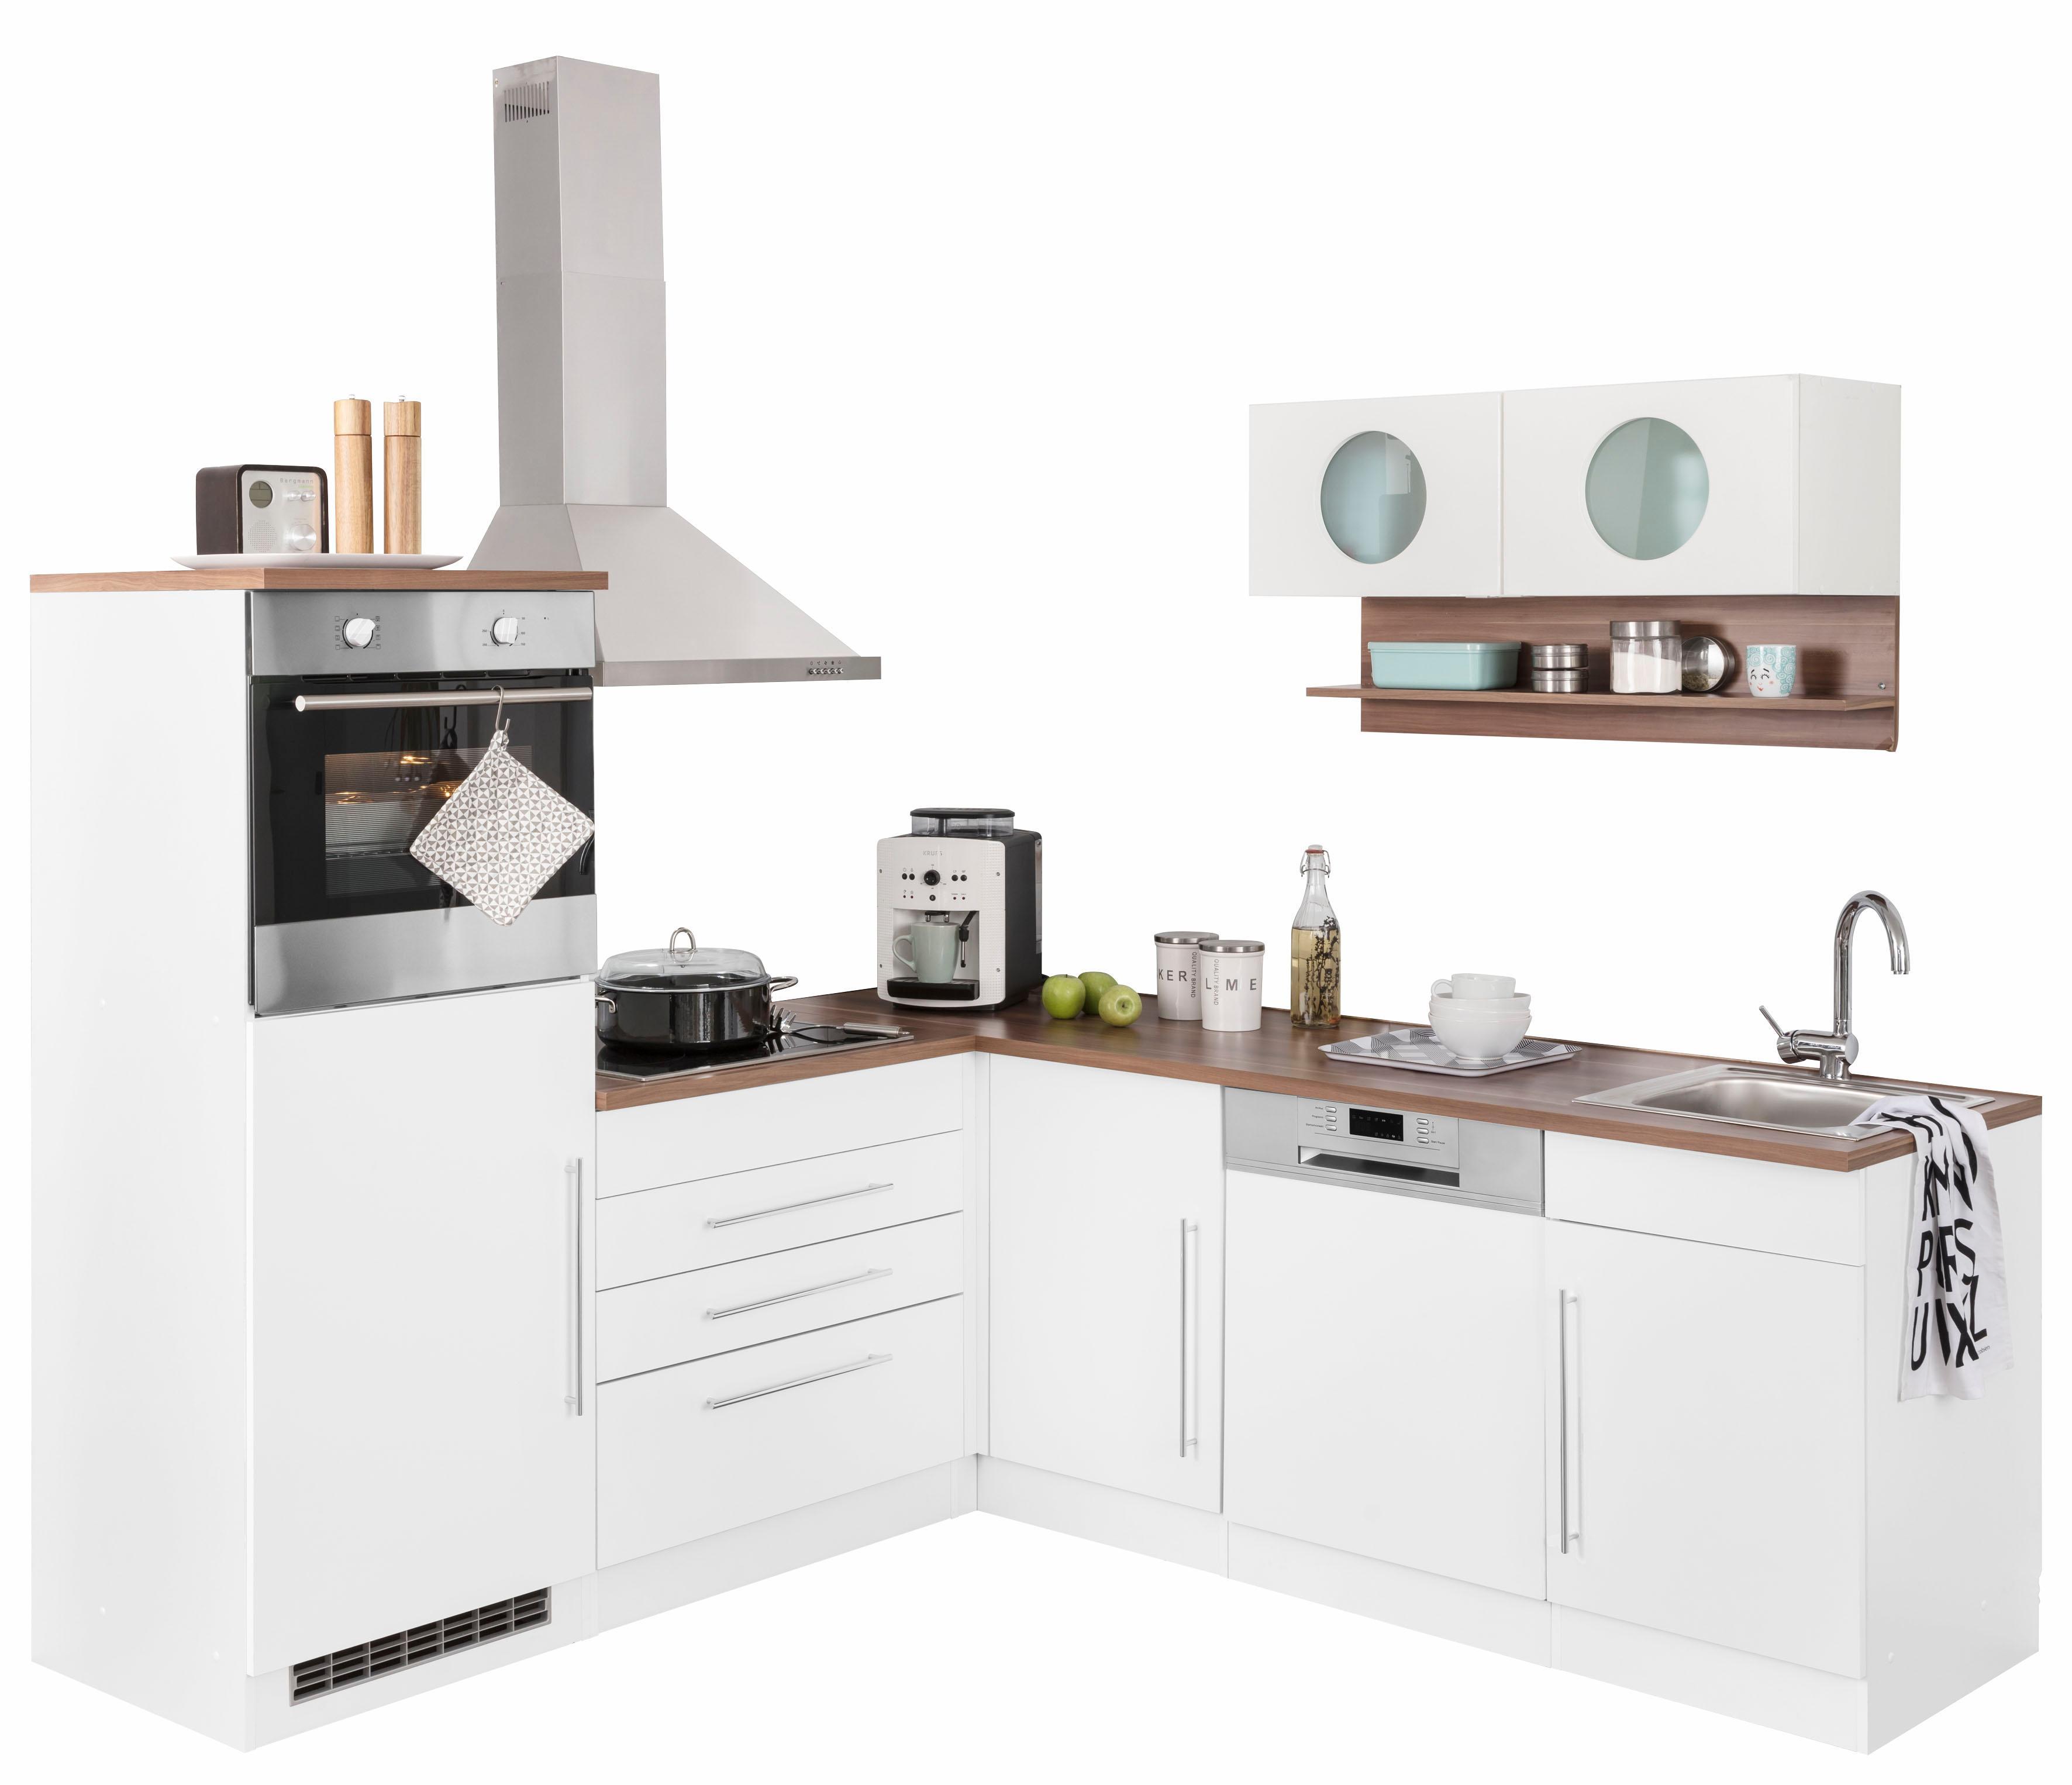 Winkelküche Keitum mit E-Geräten Stellbreite 200 x 220 cm